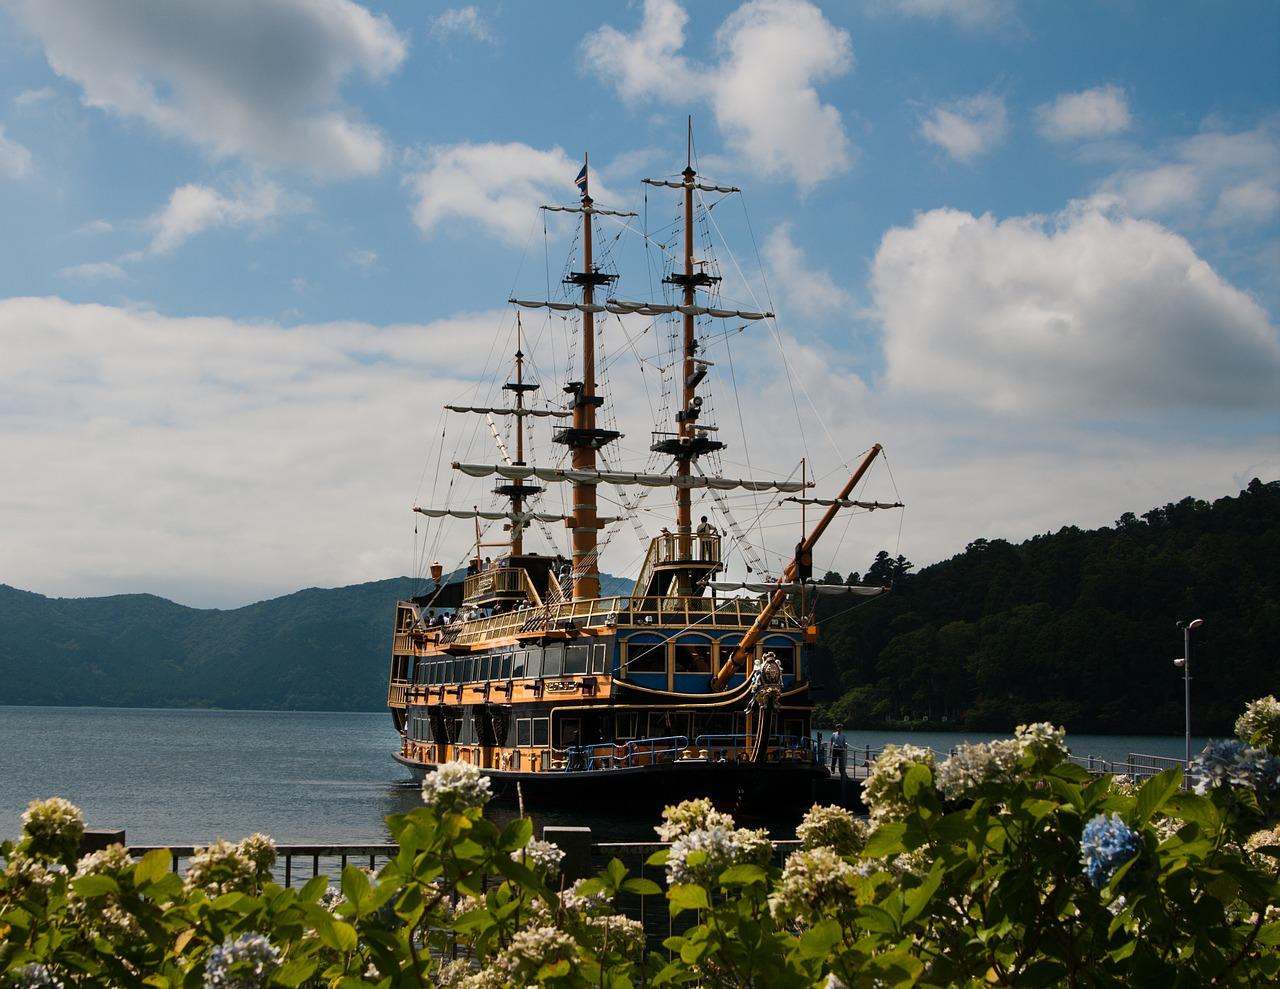 箱根海賊船の画像